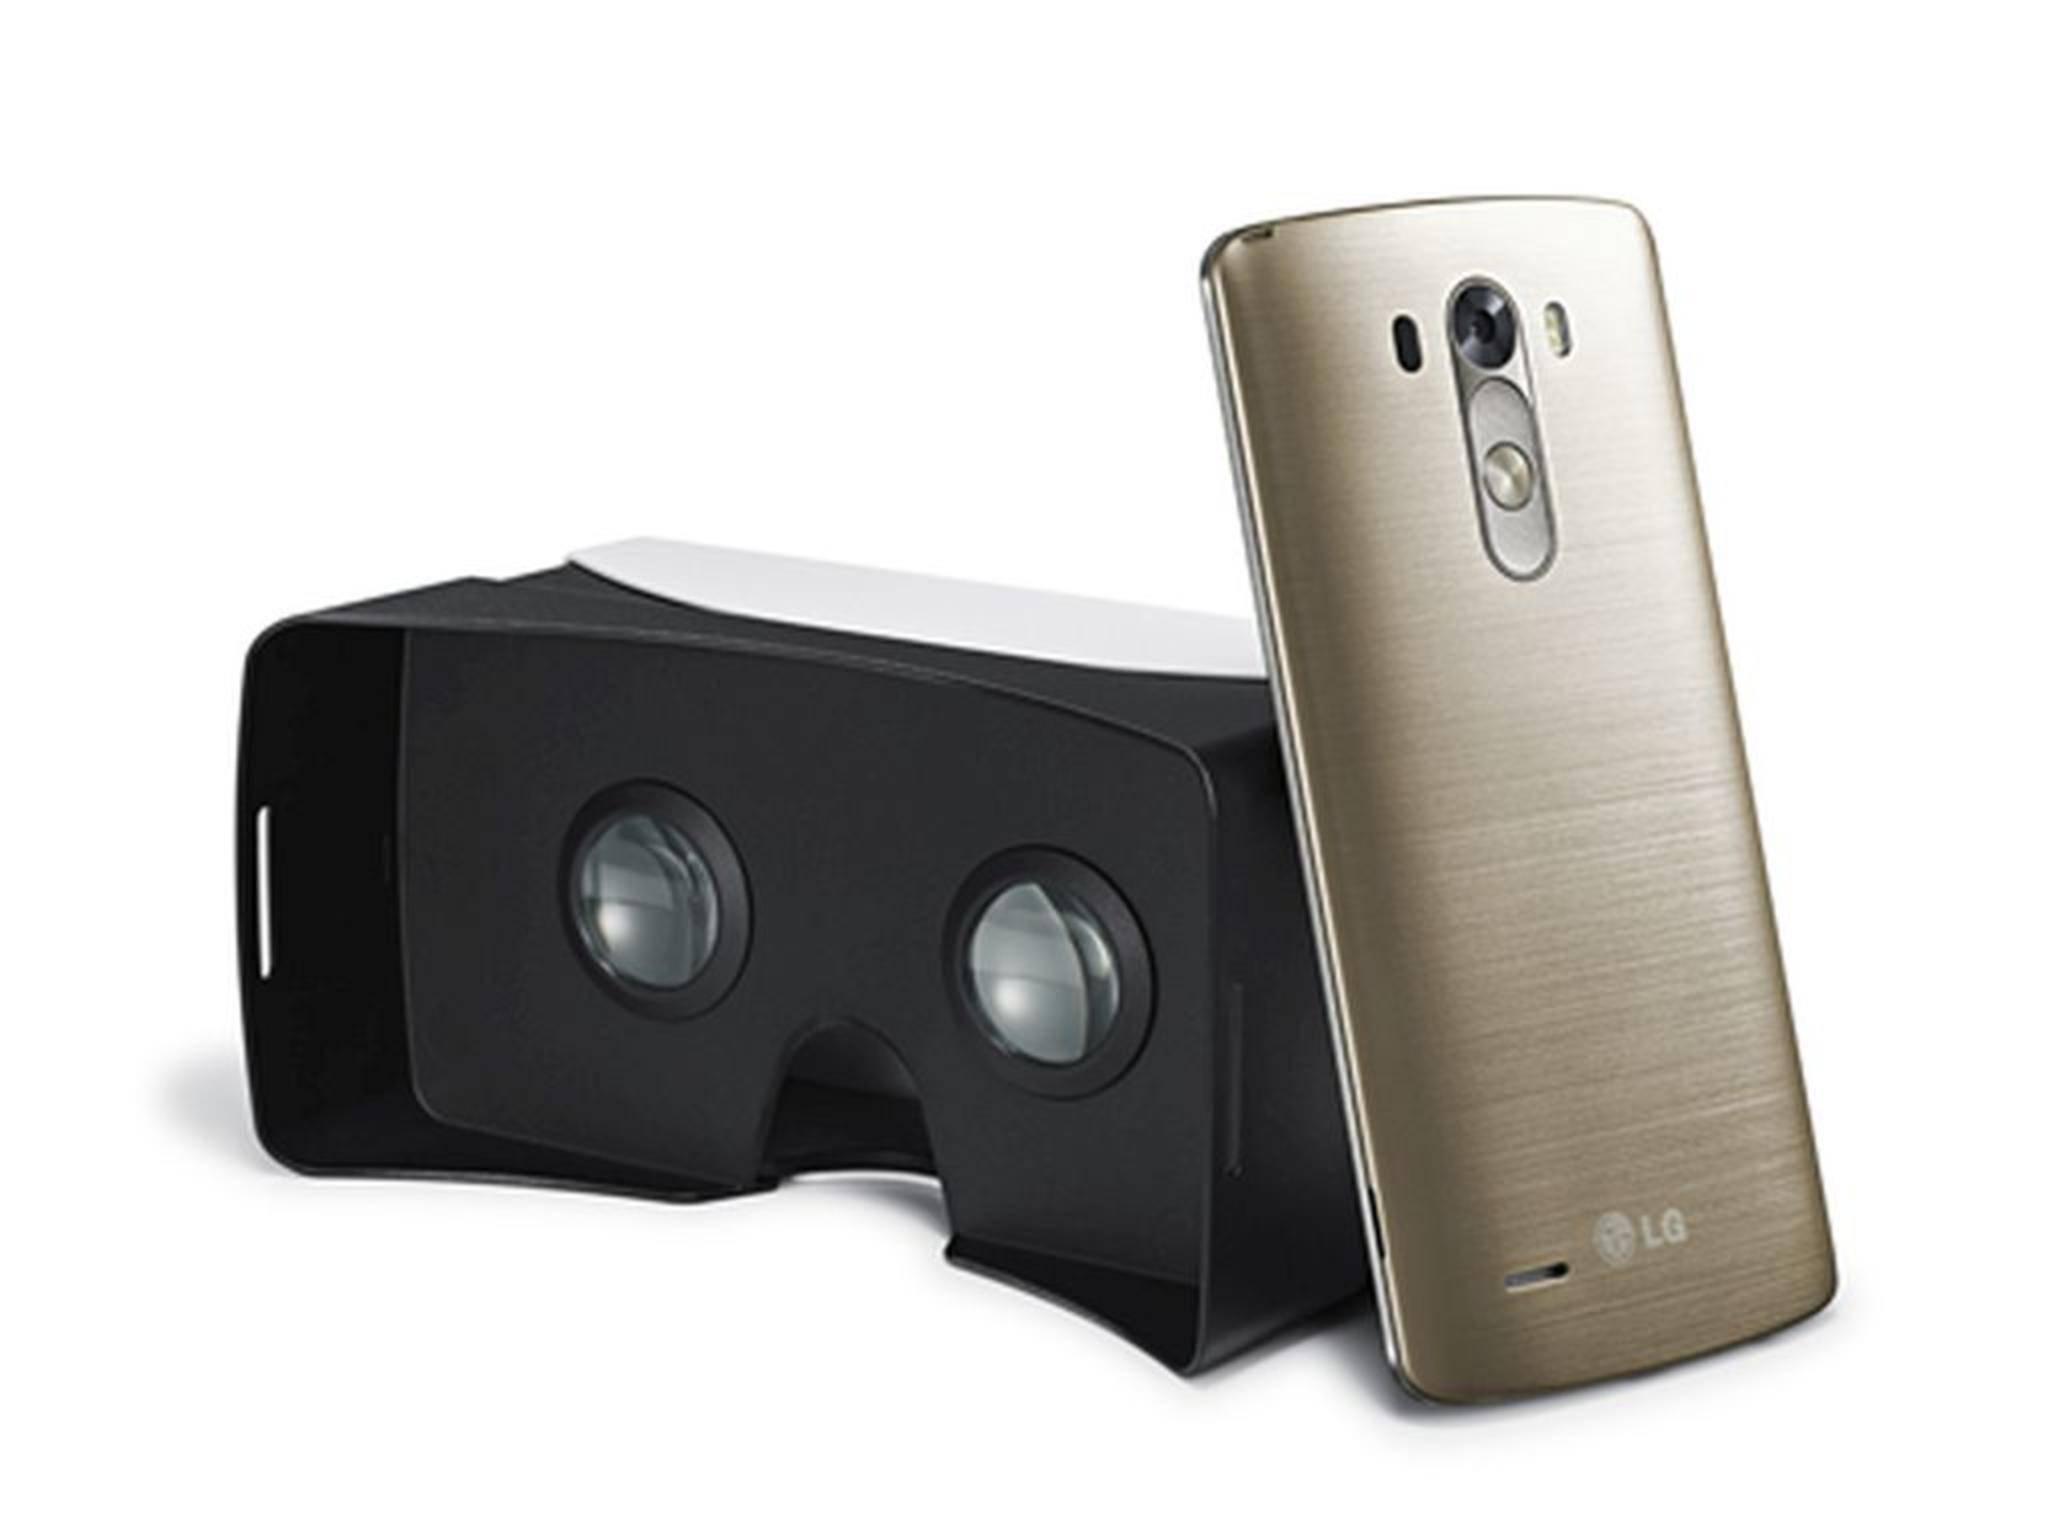 Dynamisches Duo: Zum G3 gibt's auf Wunsch eine VR-Brille gratis dazu.